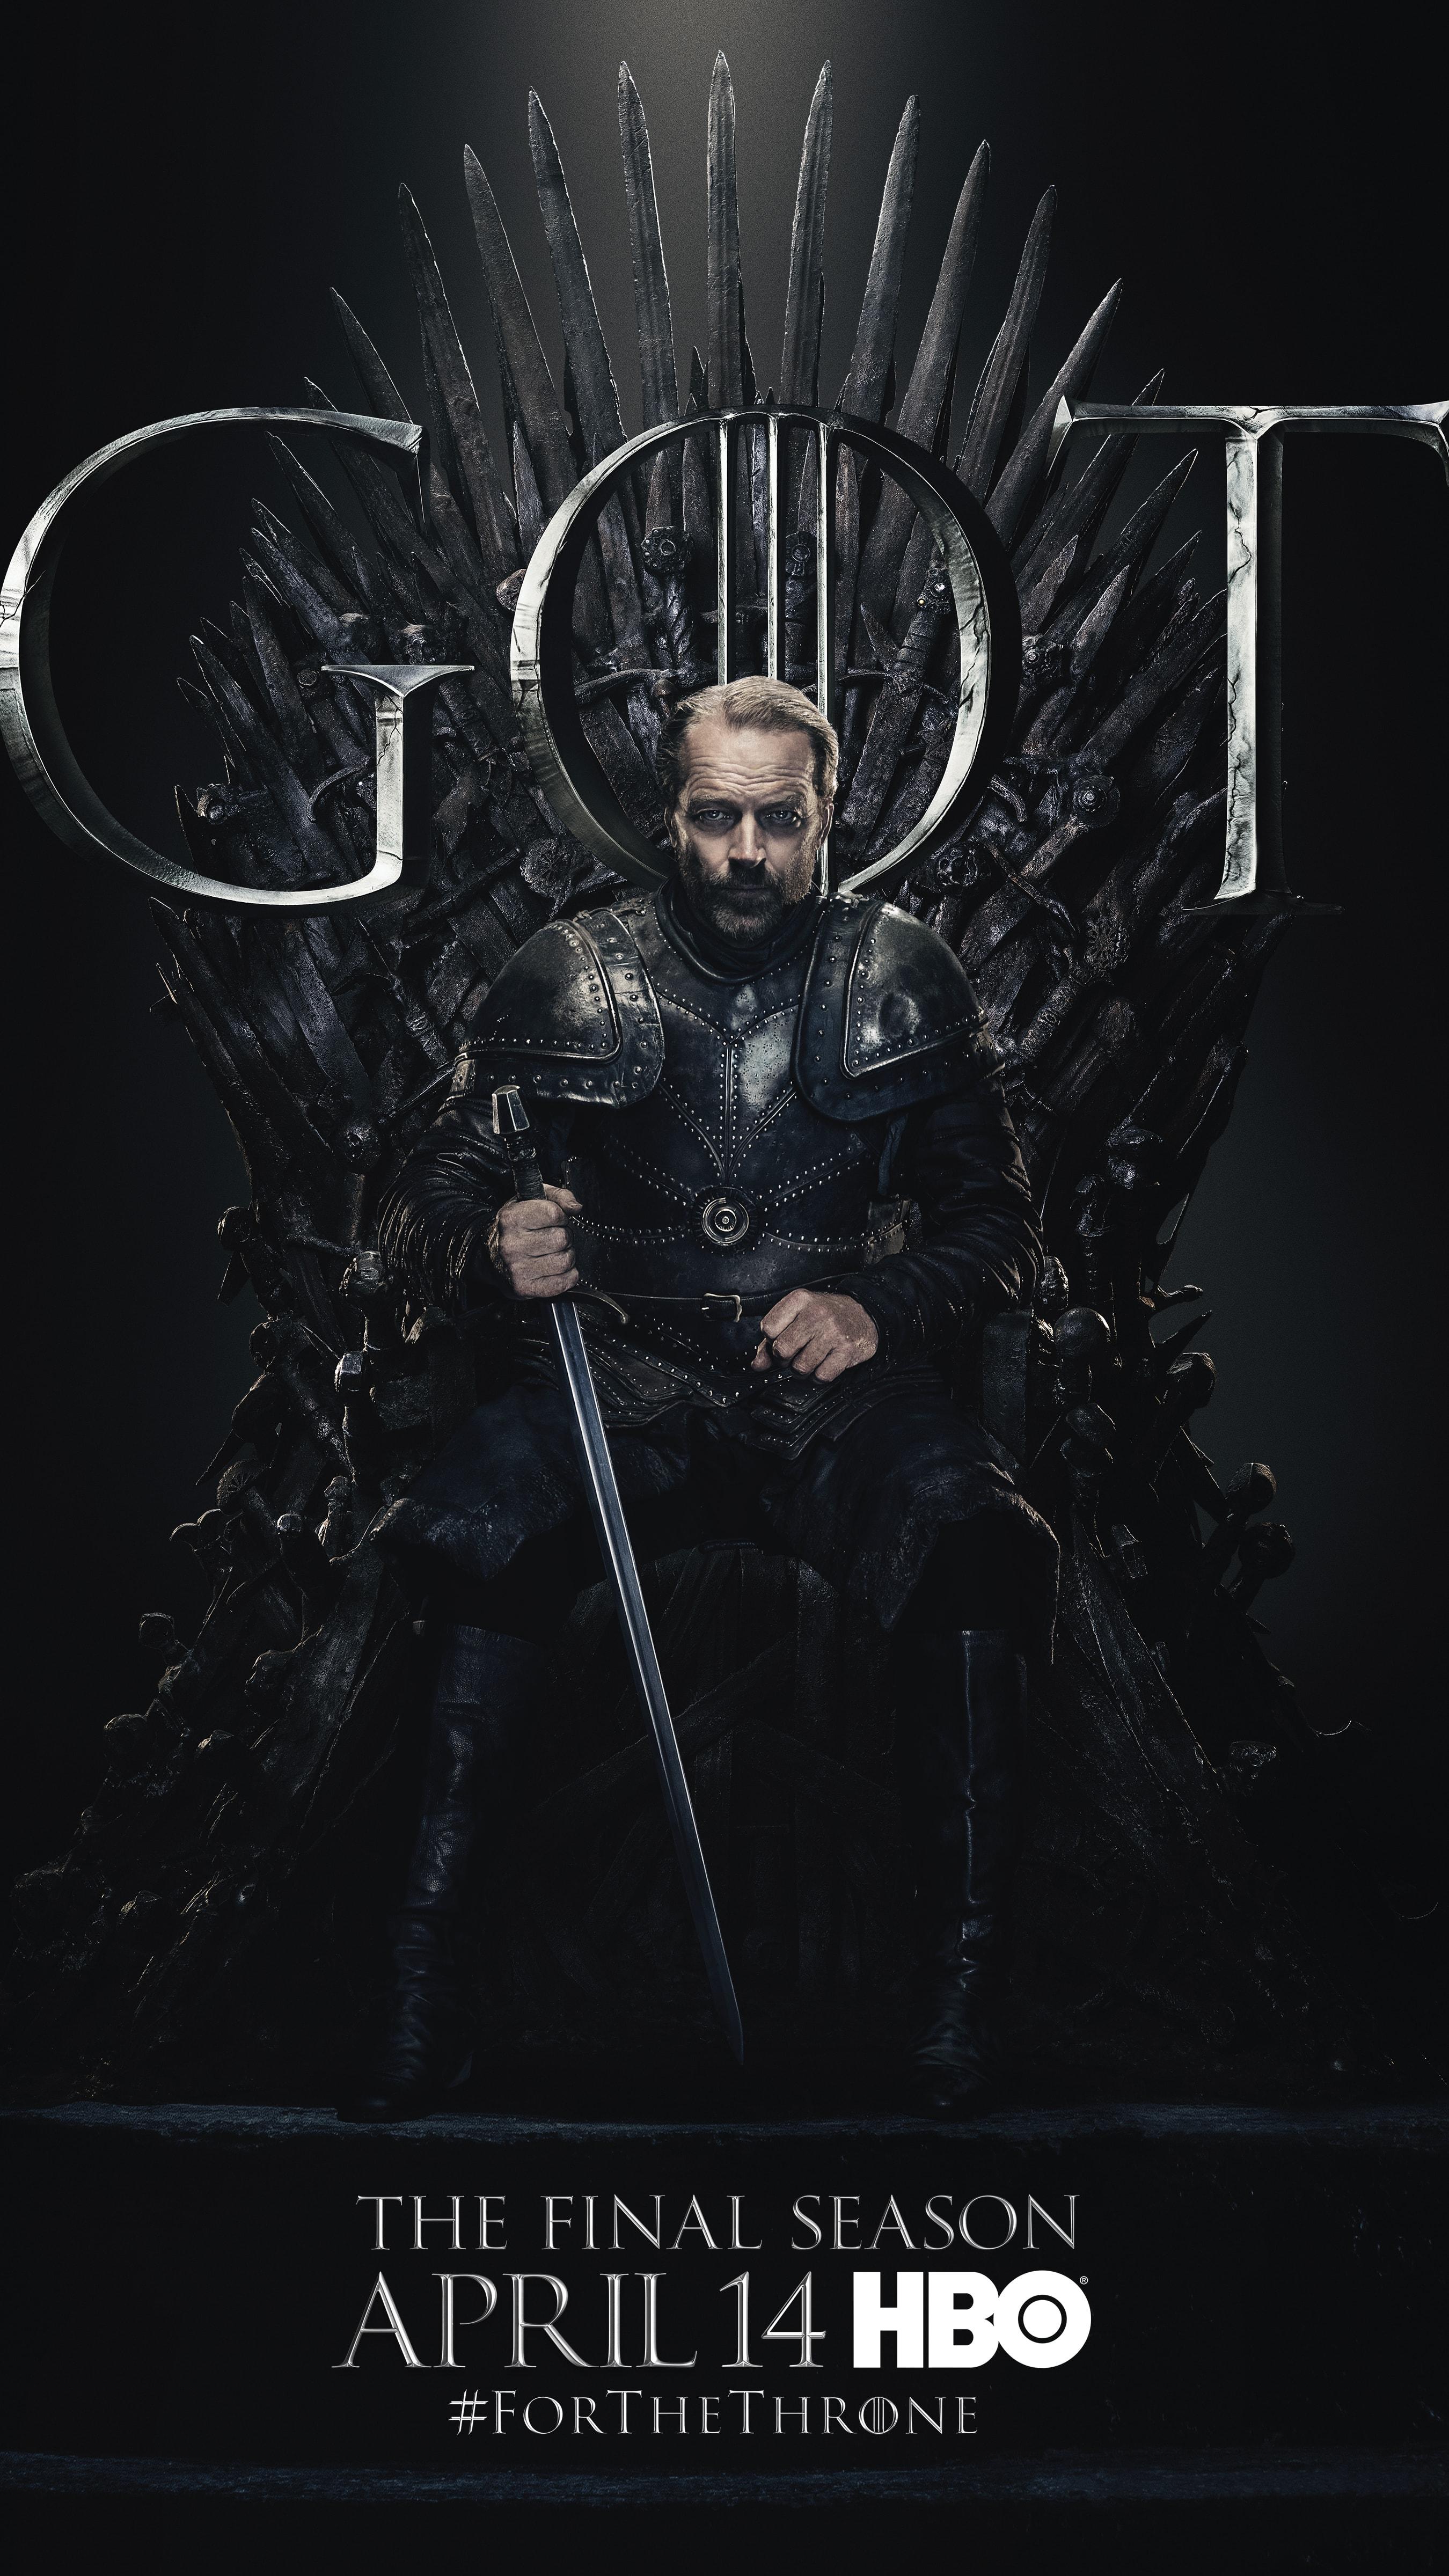 14. Jorah Mormont GOT Season 8 For The Throne Character Poster-min